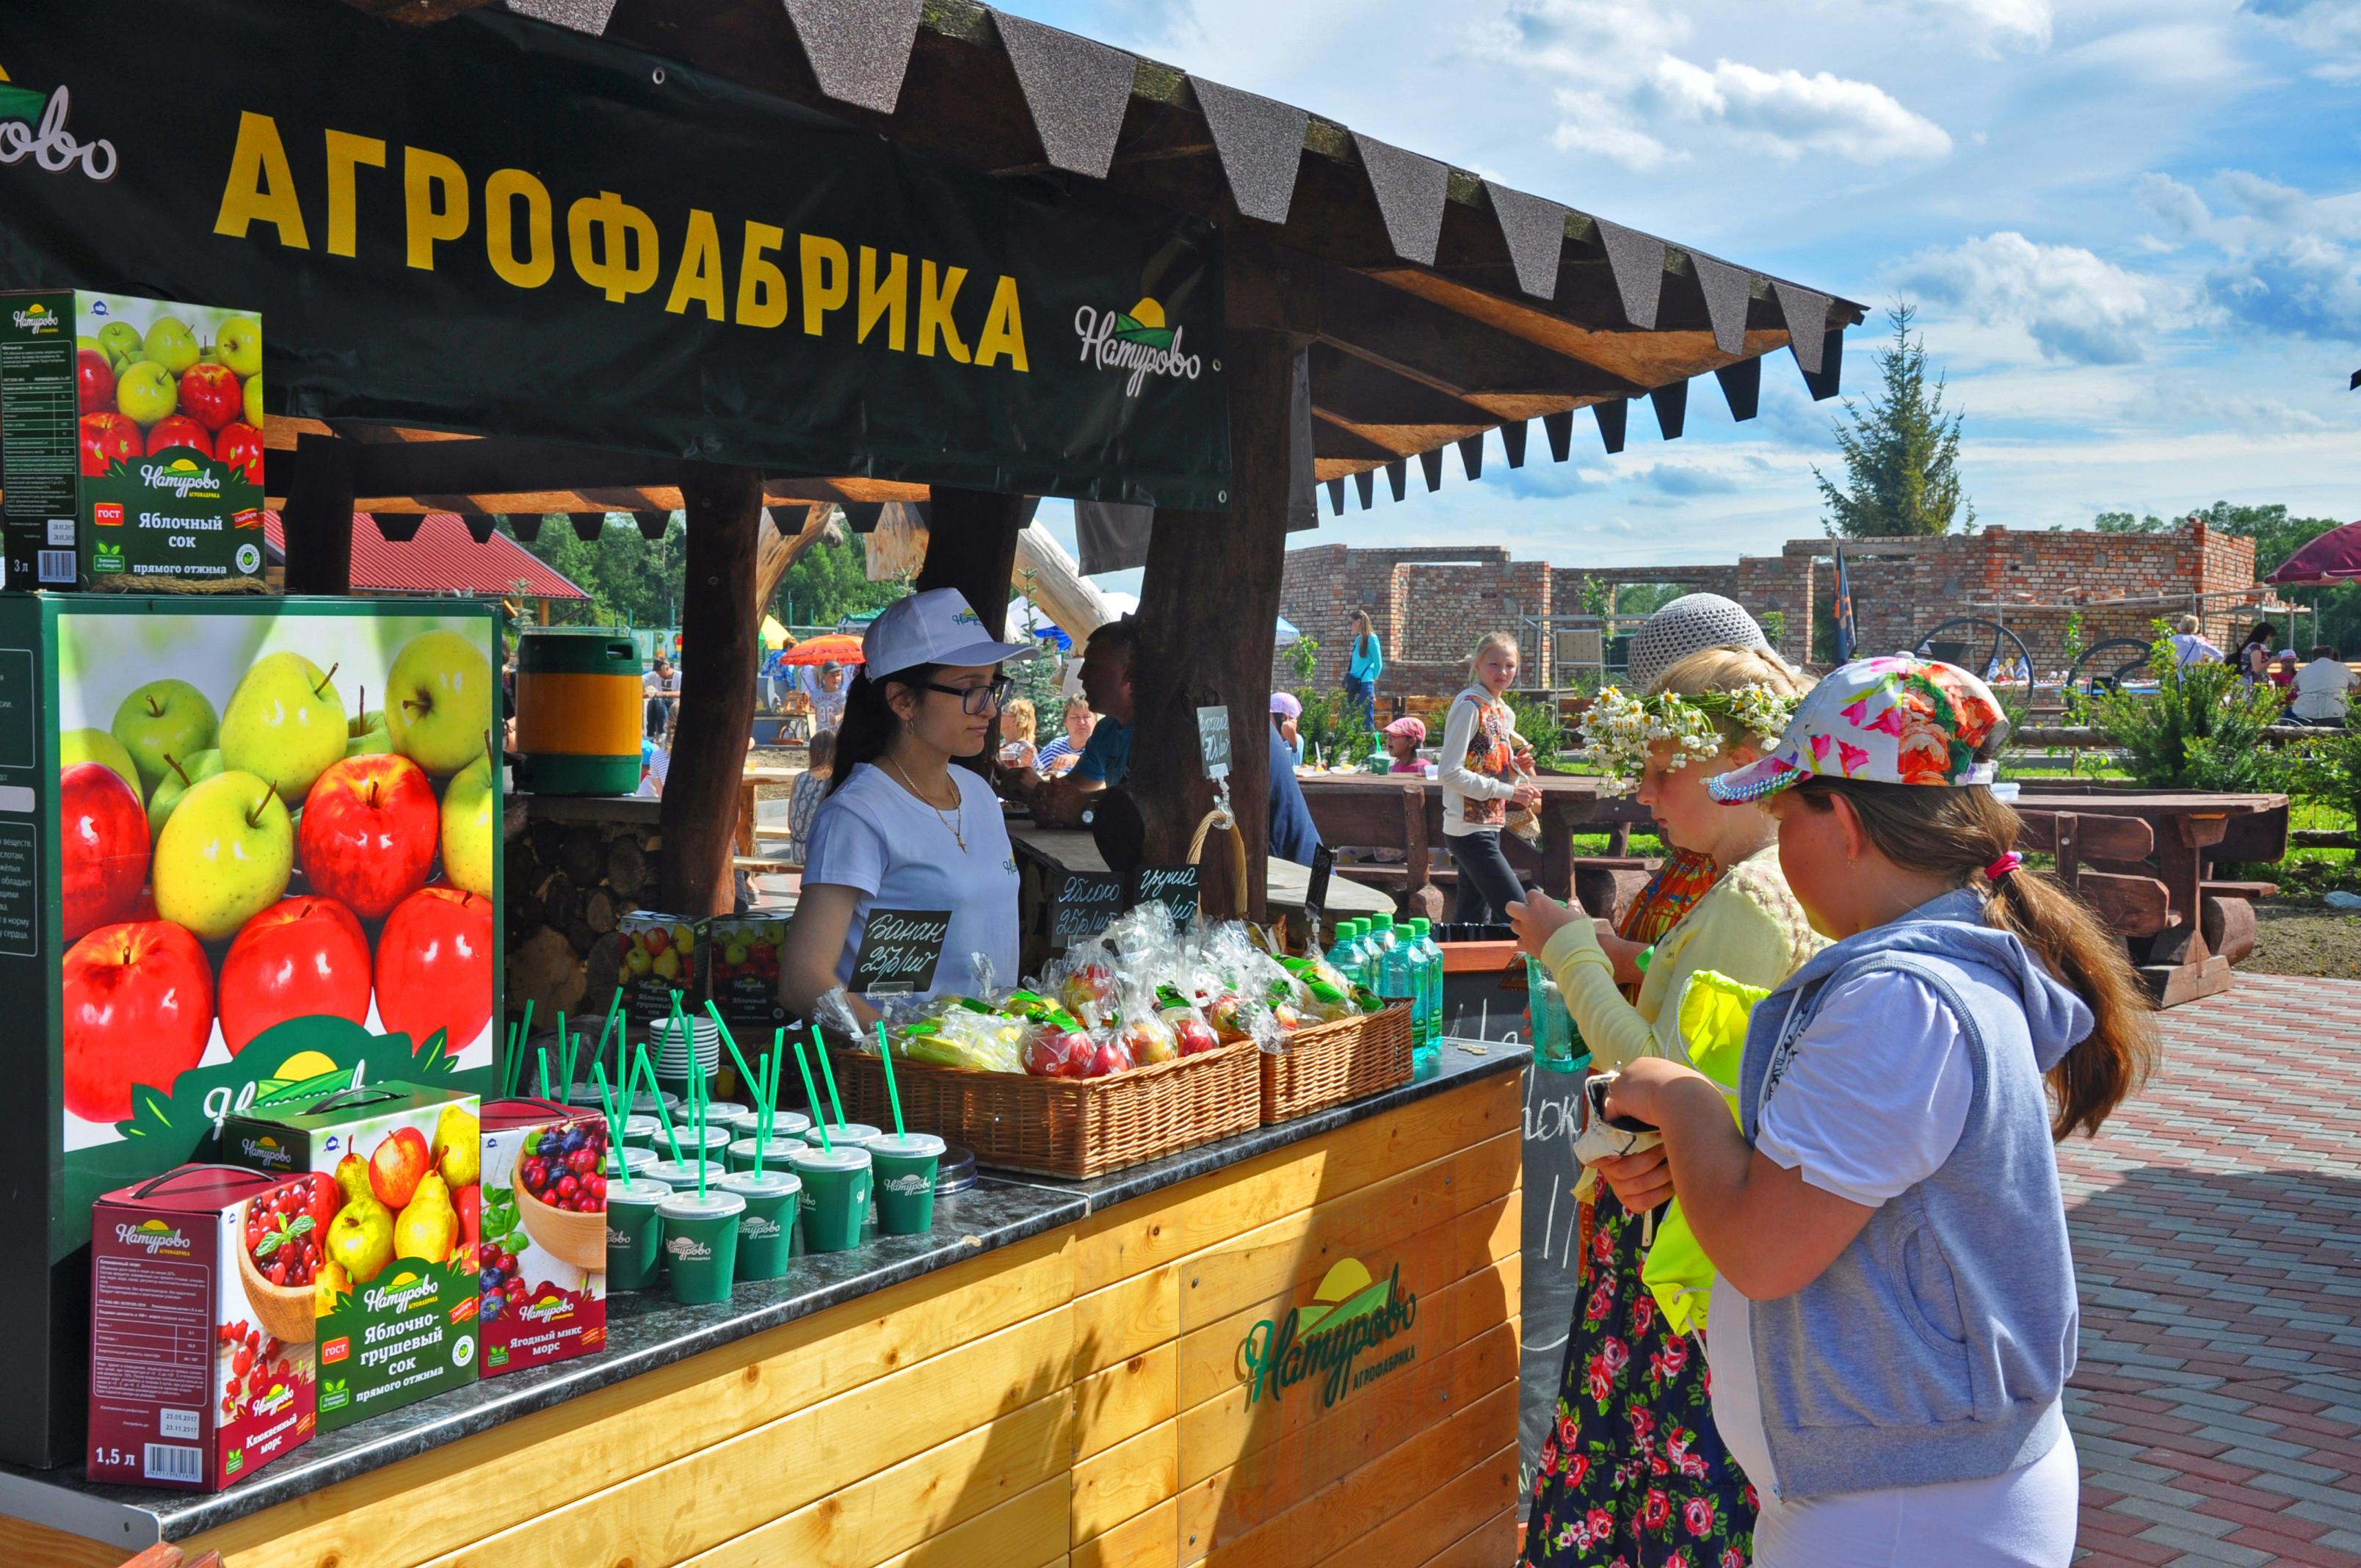 https://naturovo.ru/wp-content/uploads/2017/07/1-26.jpg